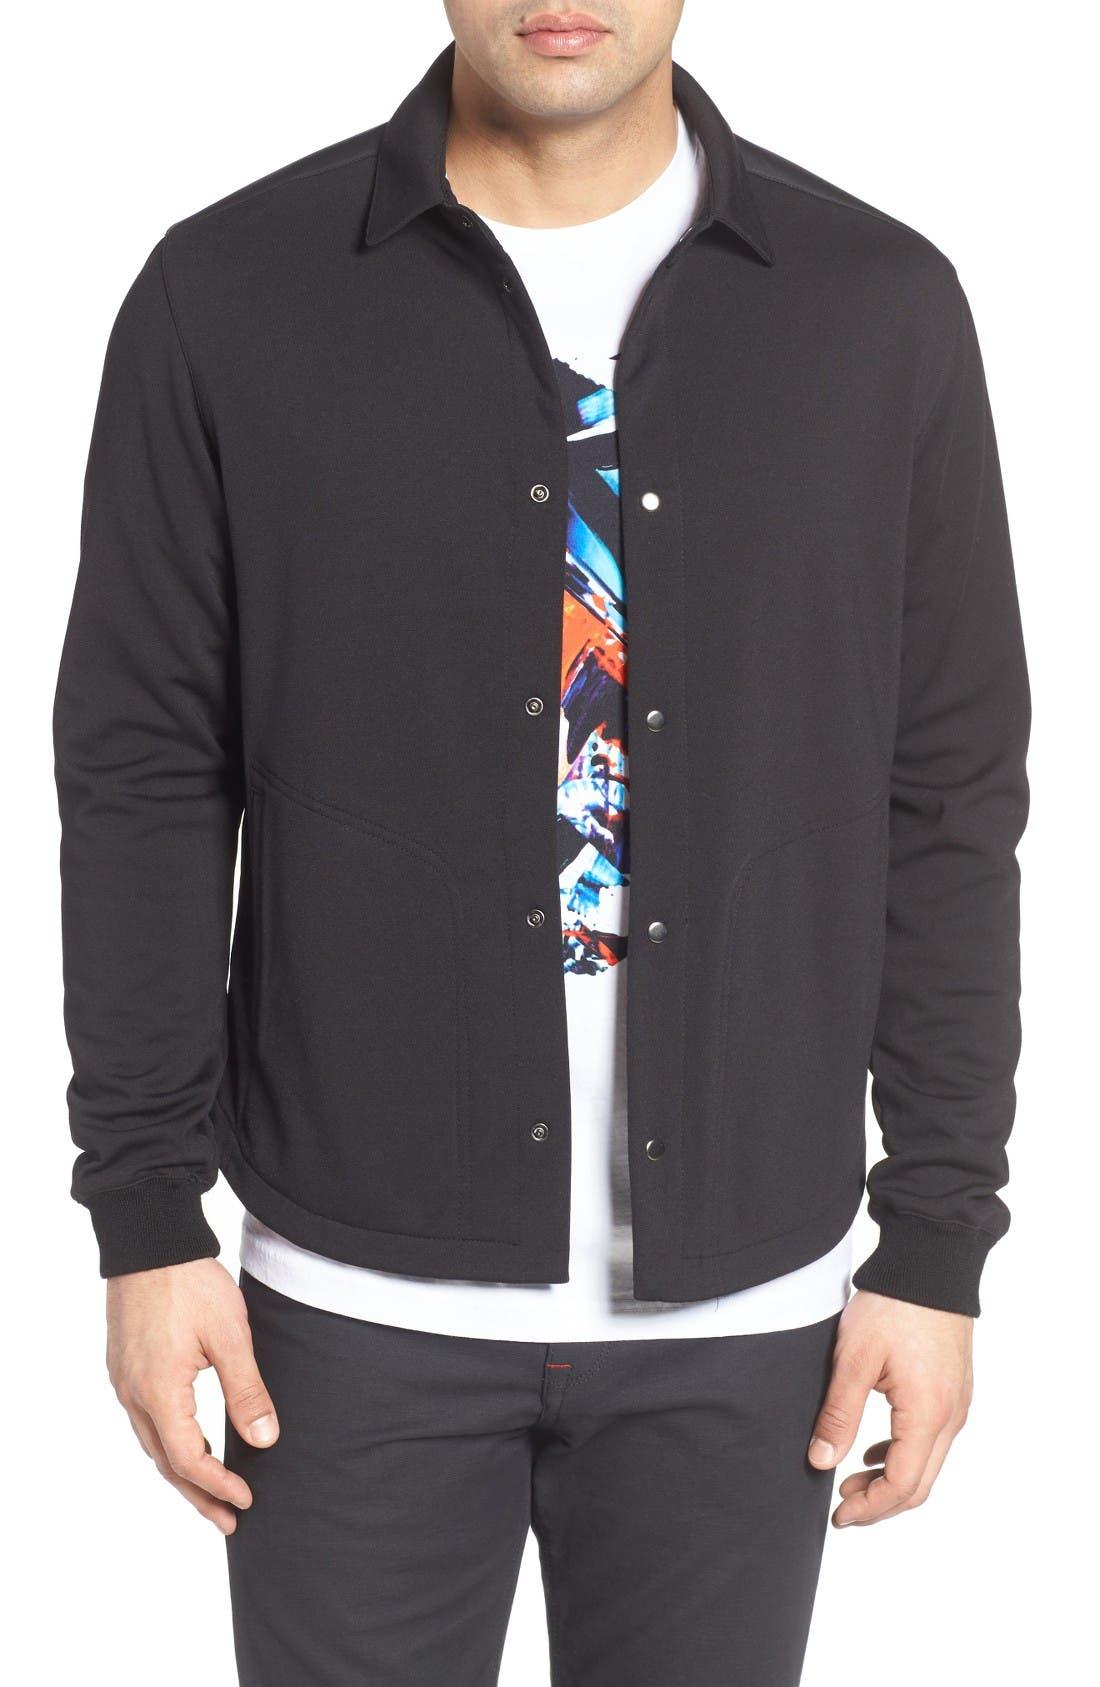 Snap Jacket,                             Main thumbnail 1, color,                             Black